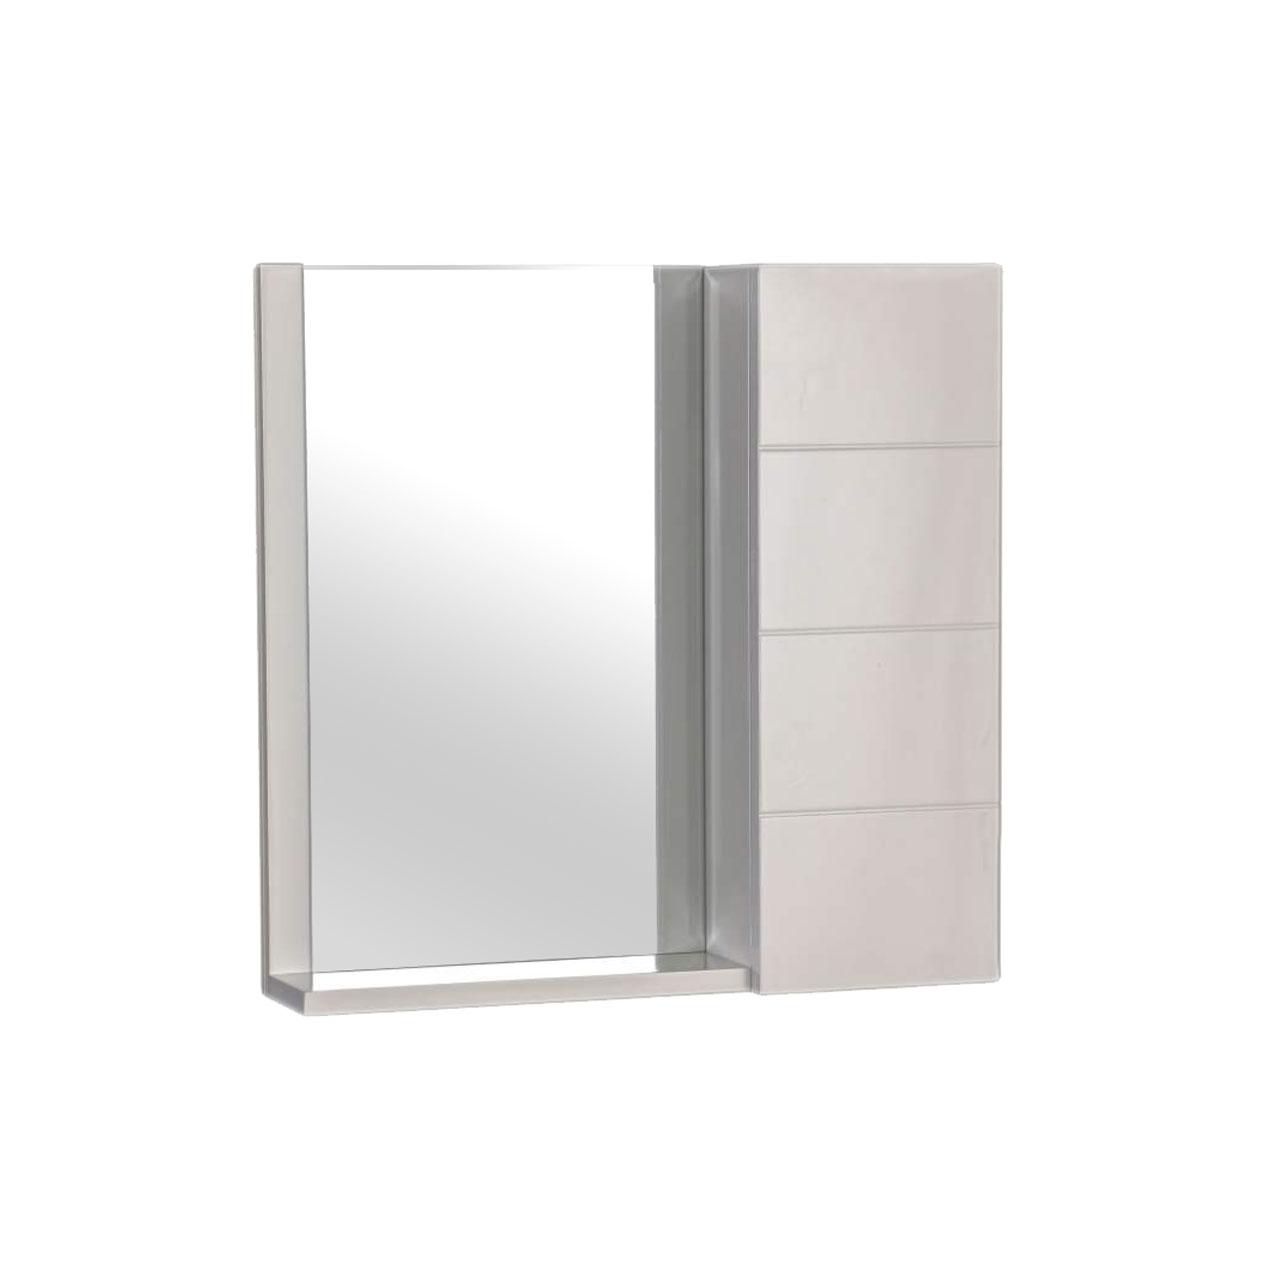 ست آینه و باکس کد 2093